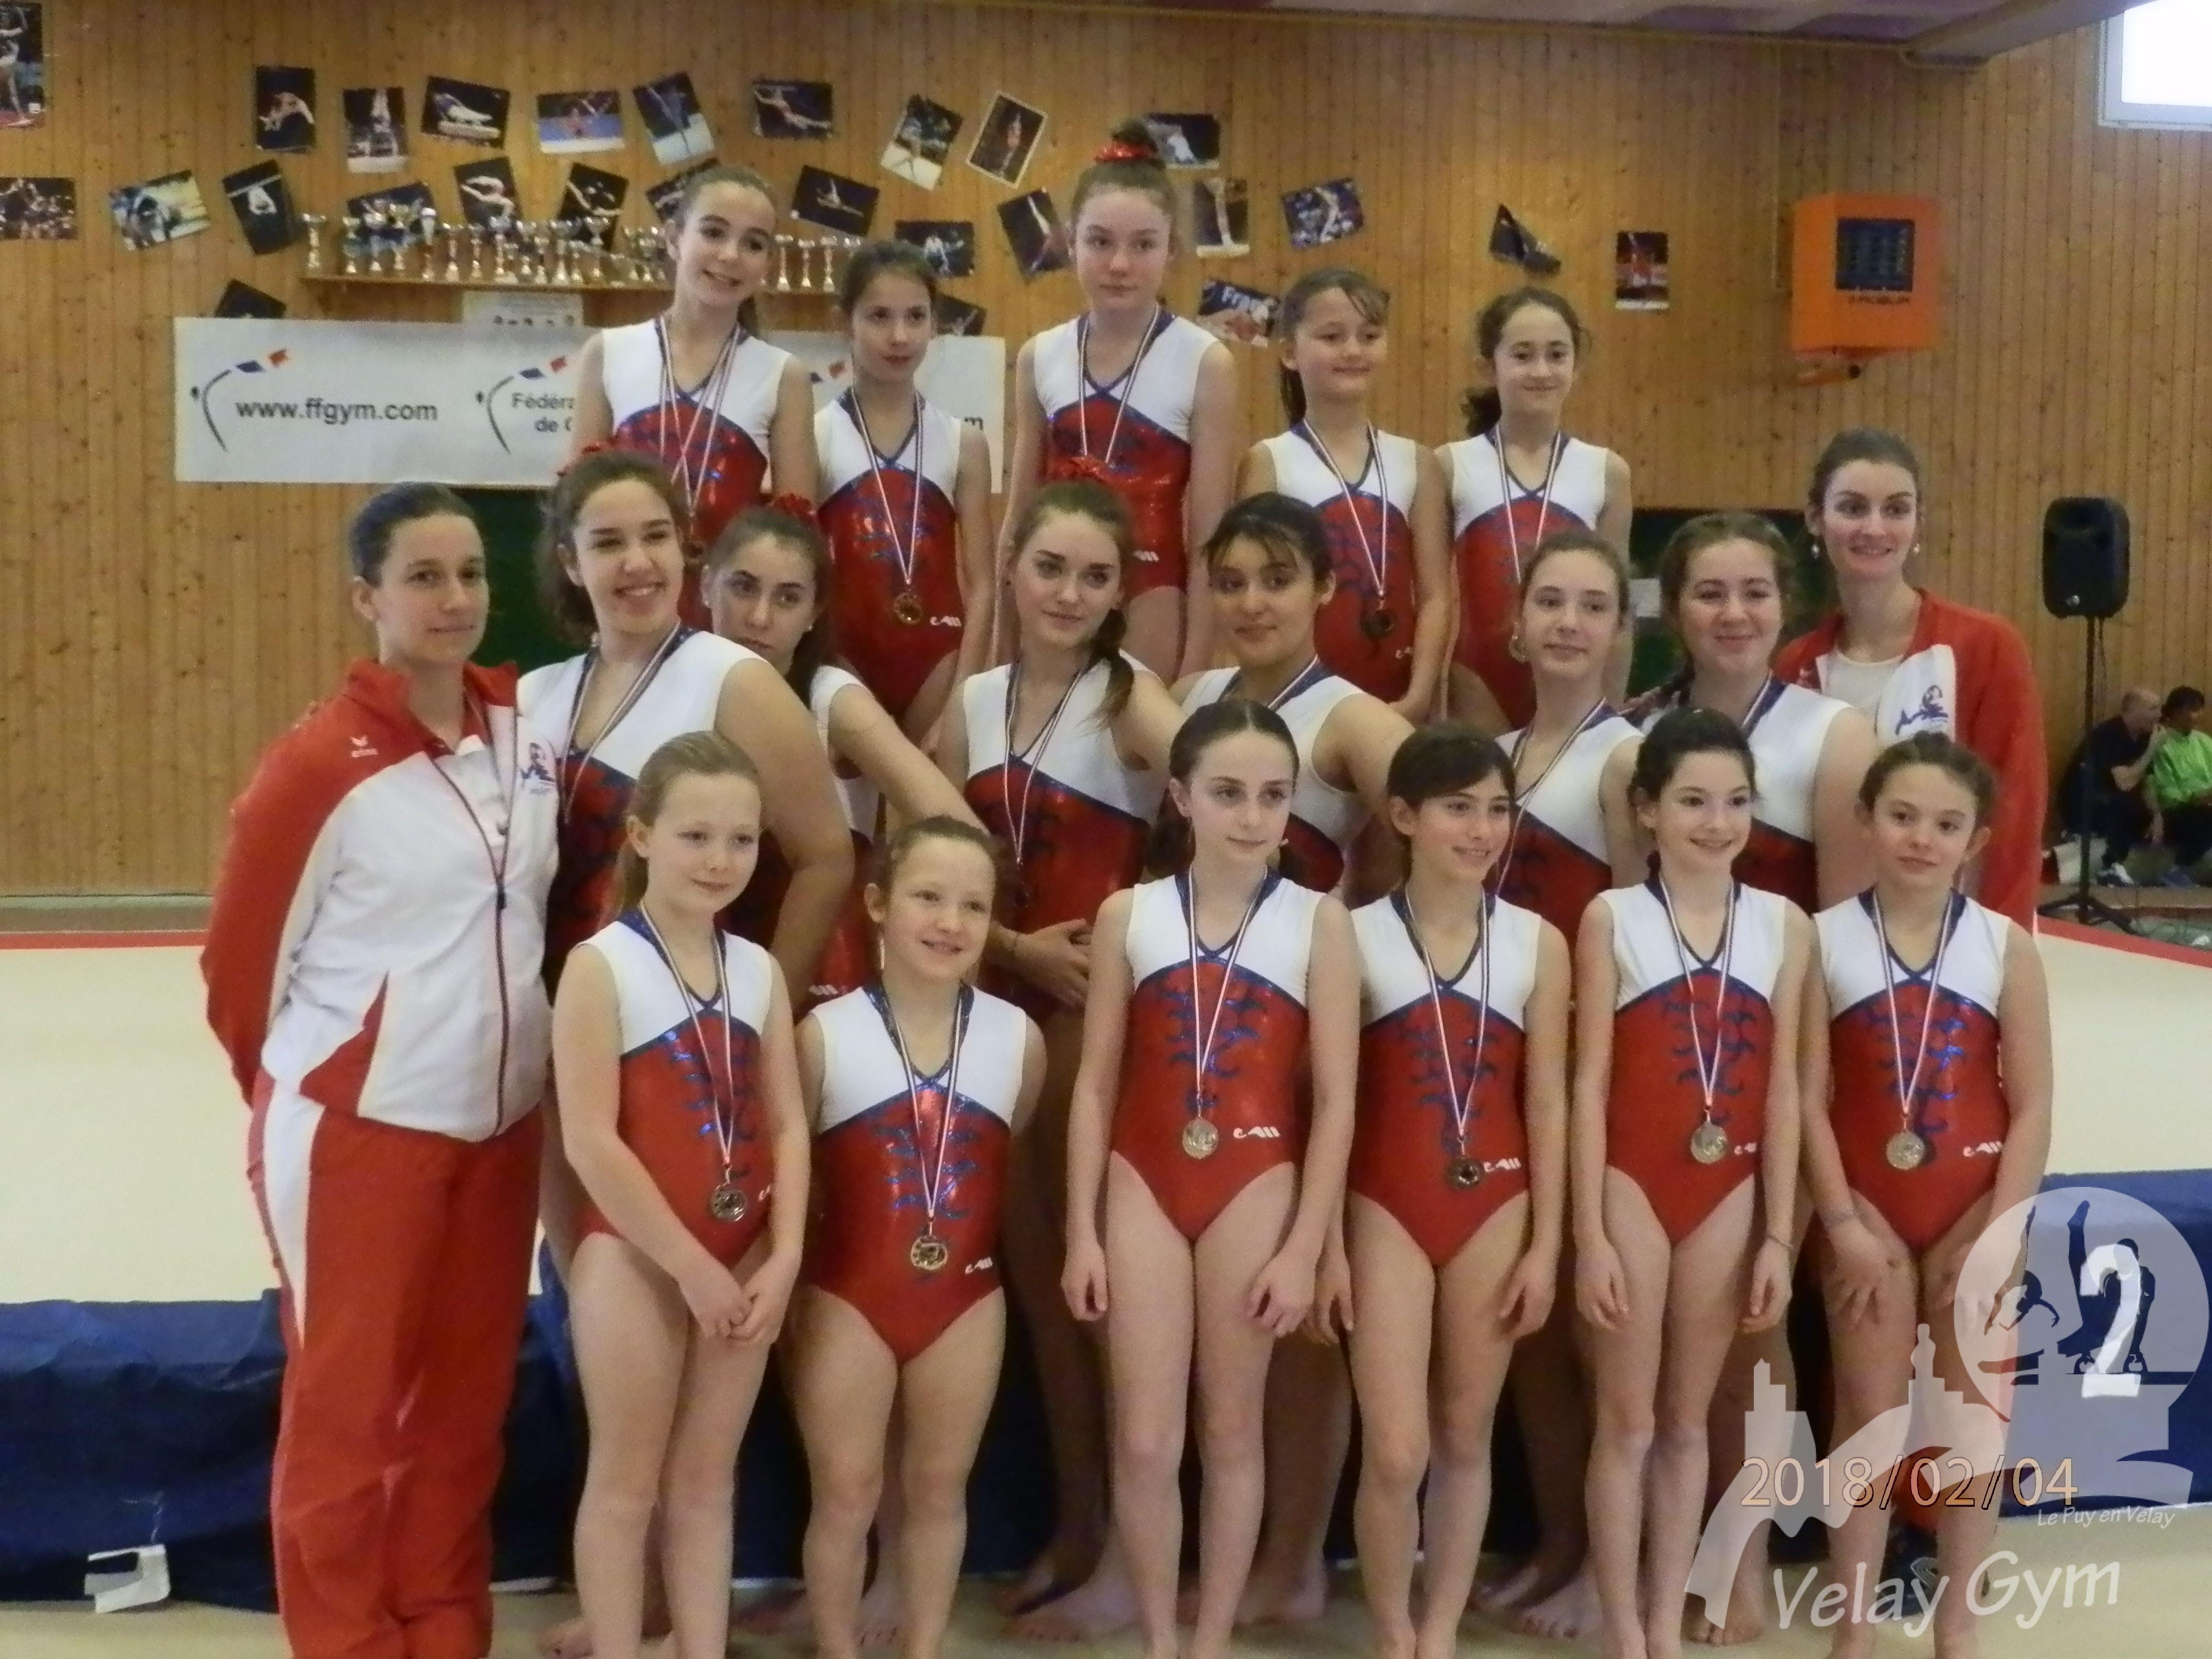 Velay Gym - Club de Gymnastique, Le Puy en Velay